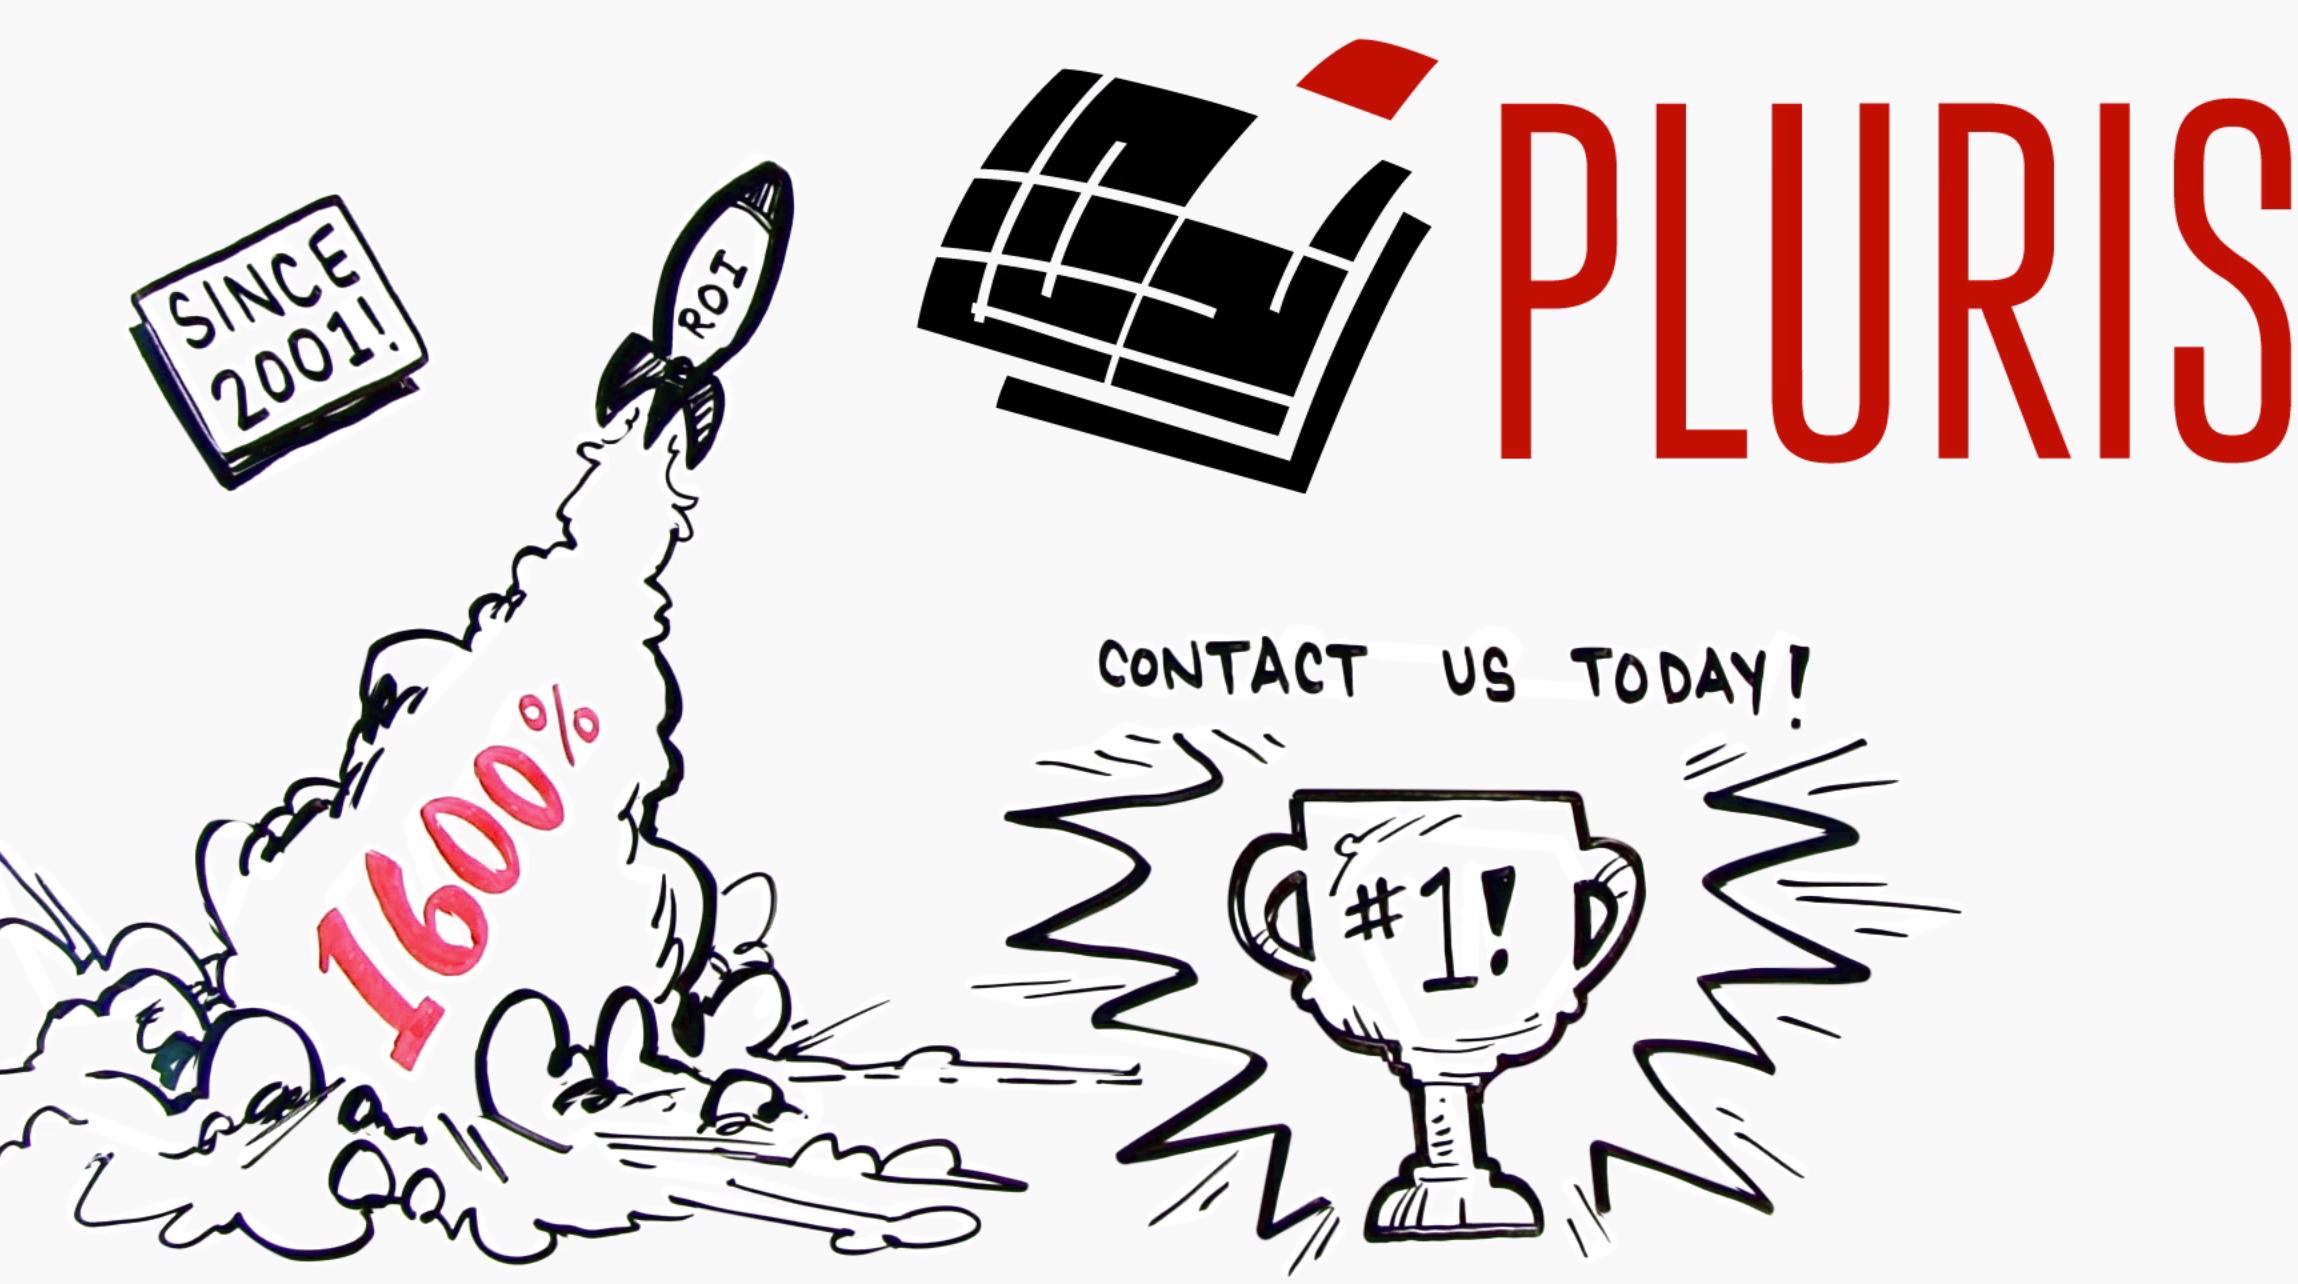 Pluris-Explainer-Video-Image